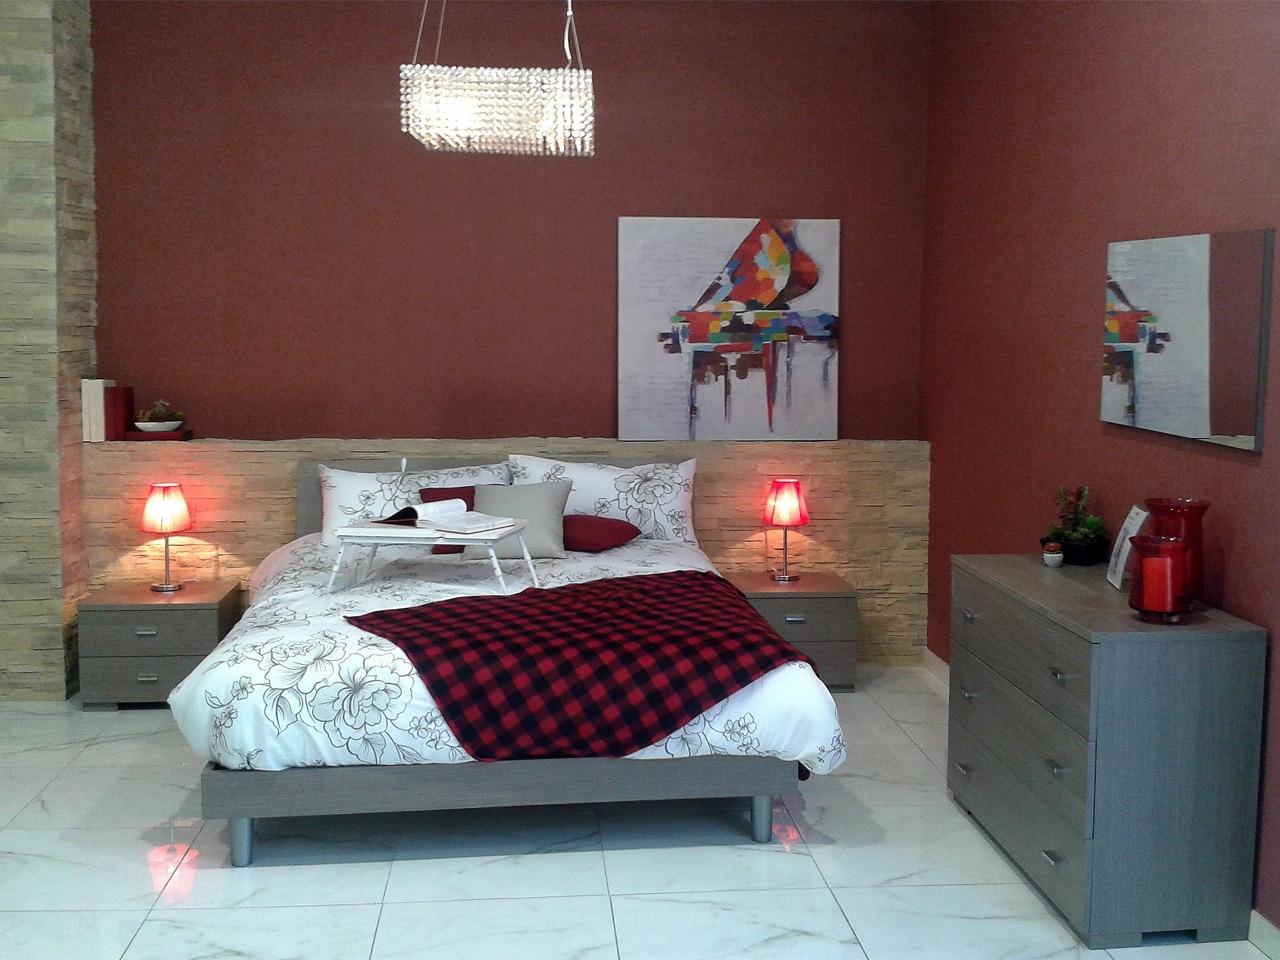 Tendencias decoraci n 2015 los rojos intensos - Tendencias decoracion paredes ...